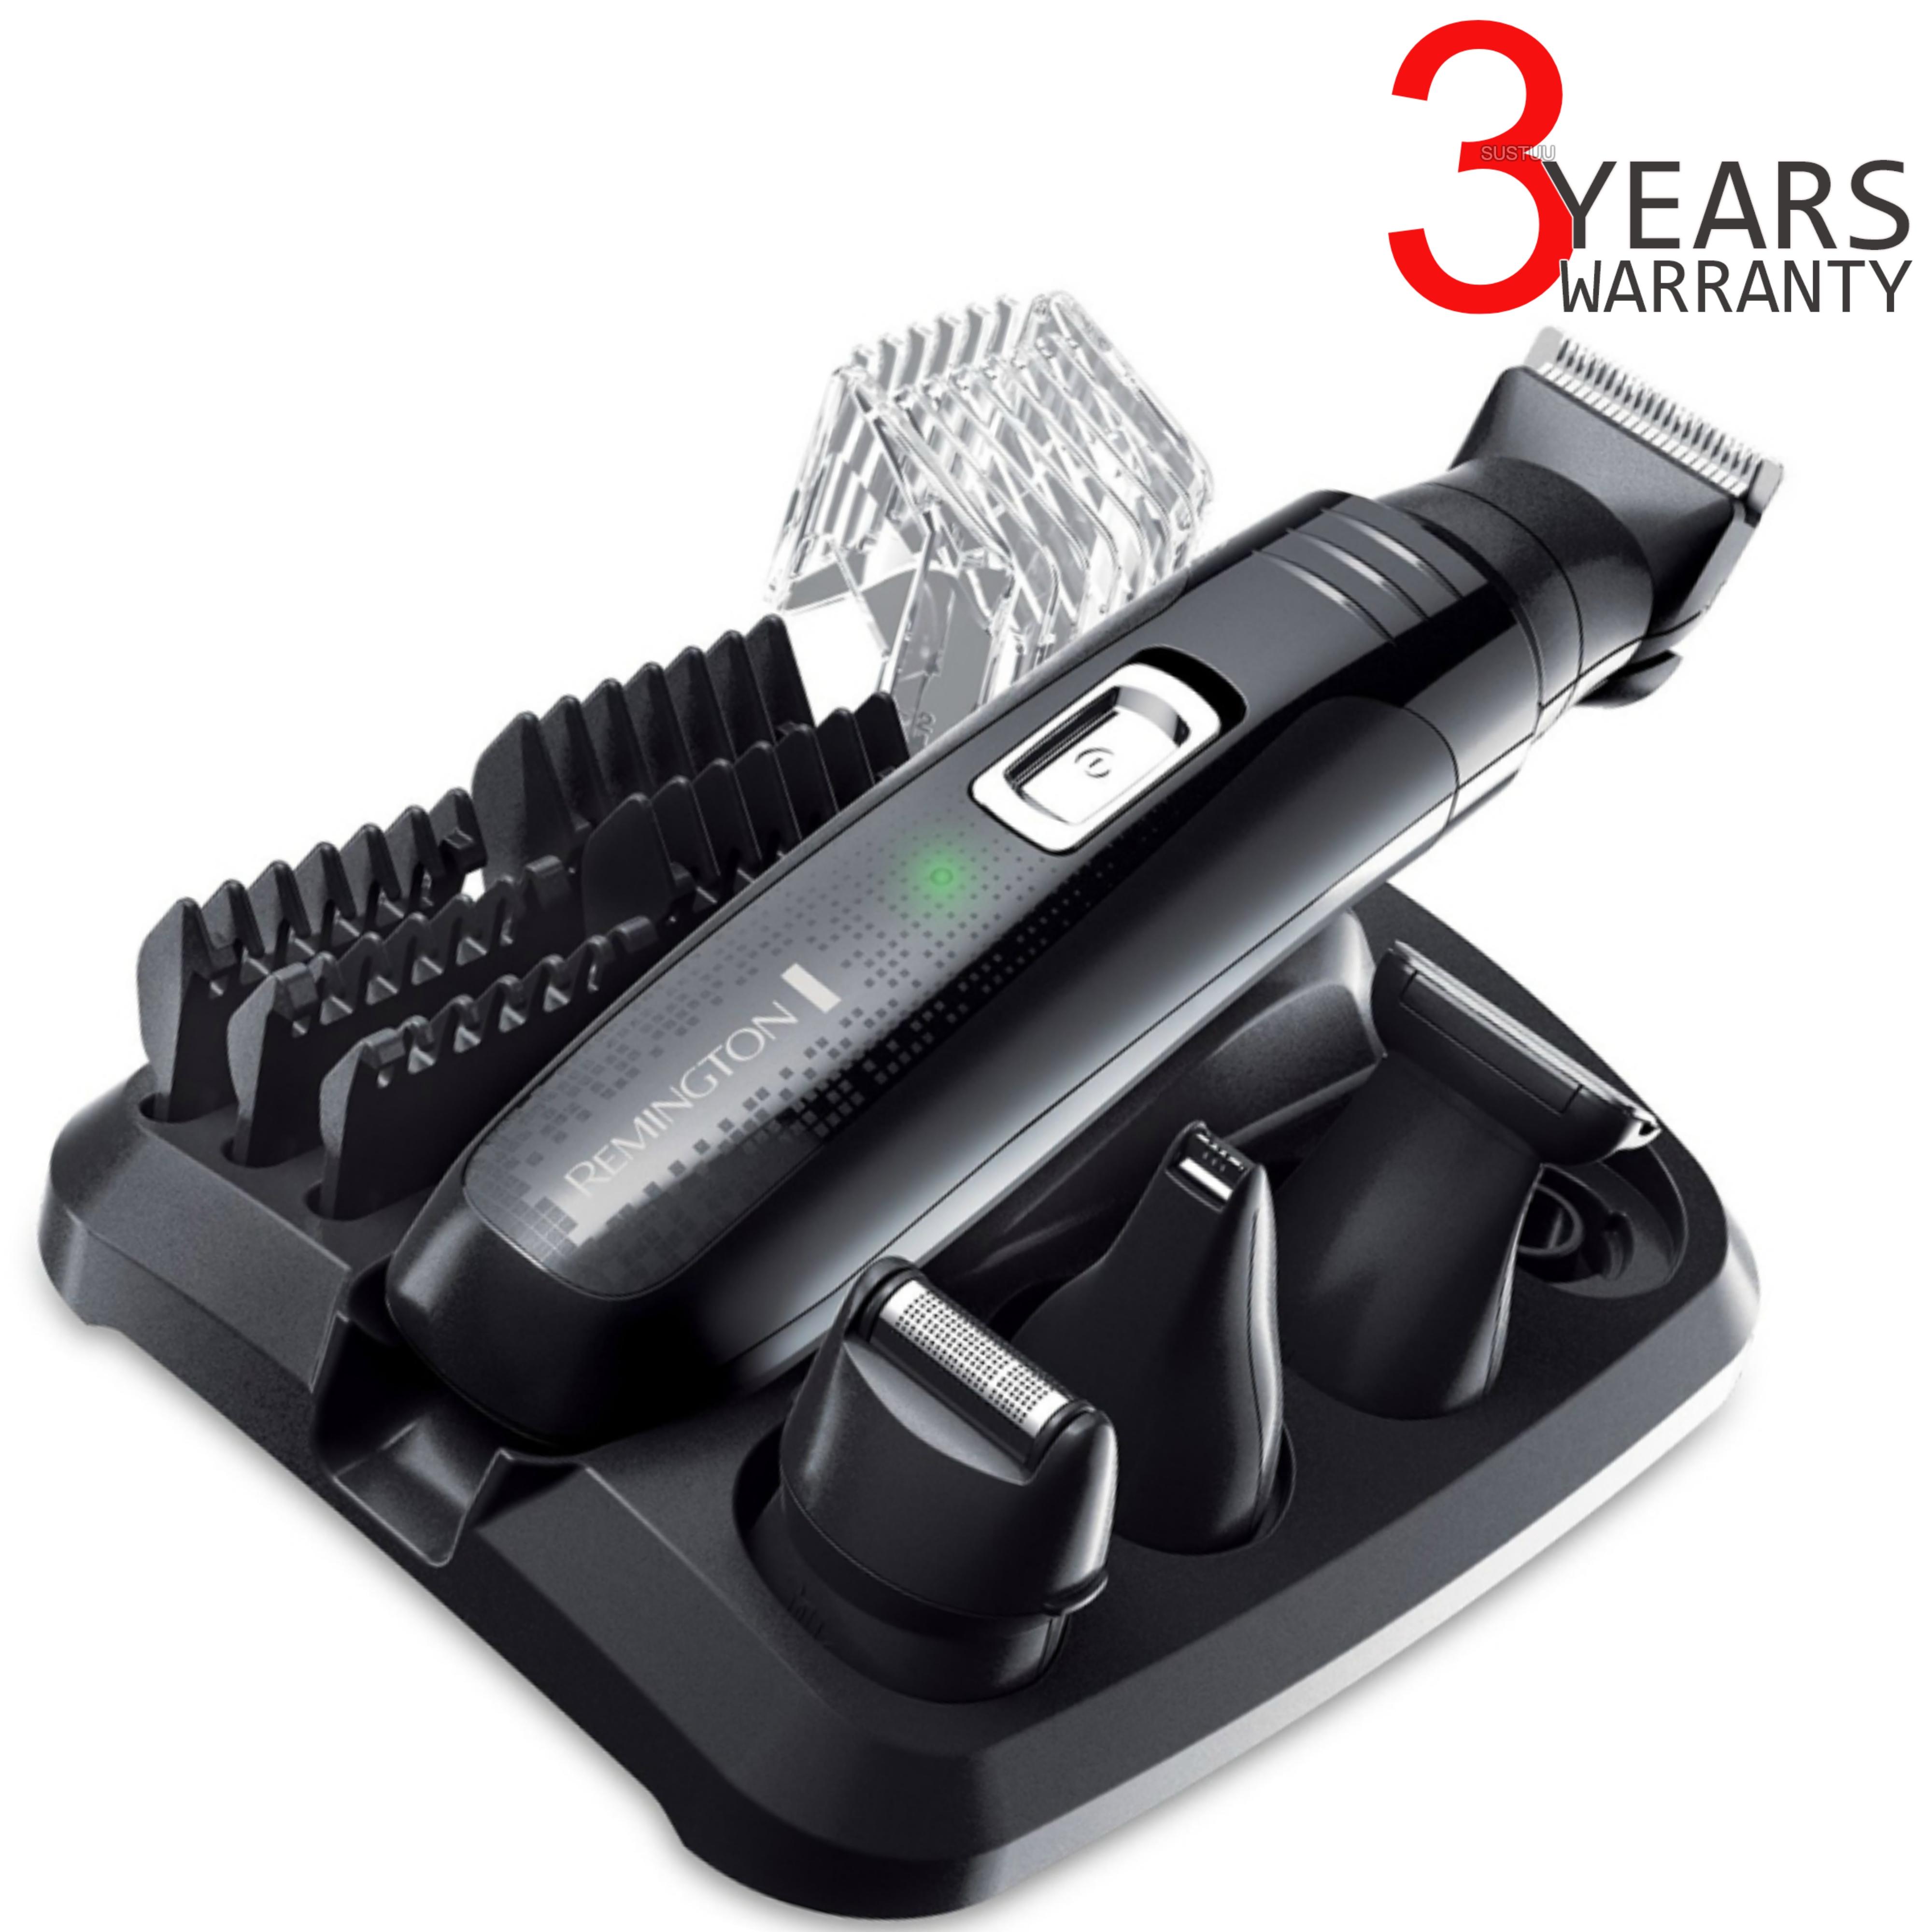 Remington PG6130 Men's Hair 4 in 1 Cordless Shaving Trimmer Clipper Grooming Kit